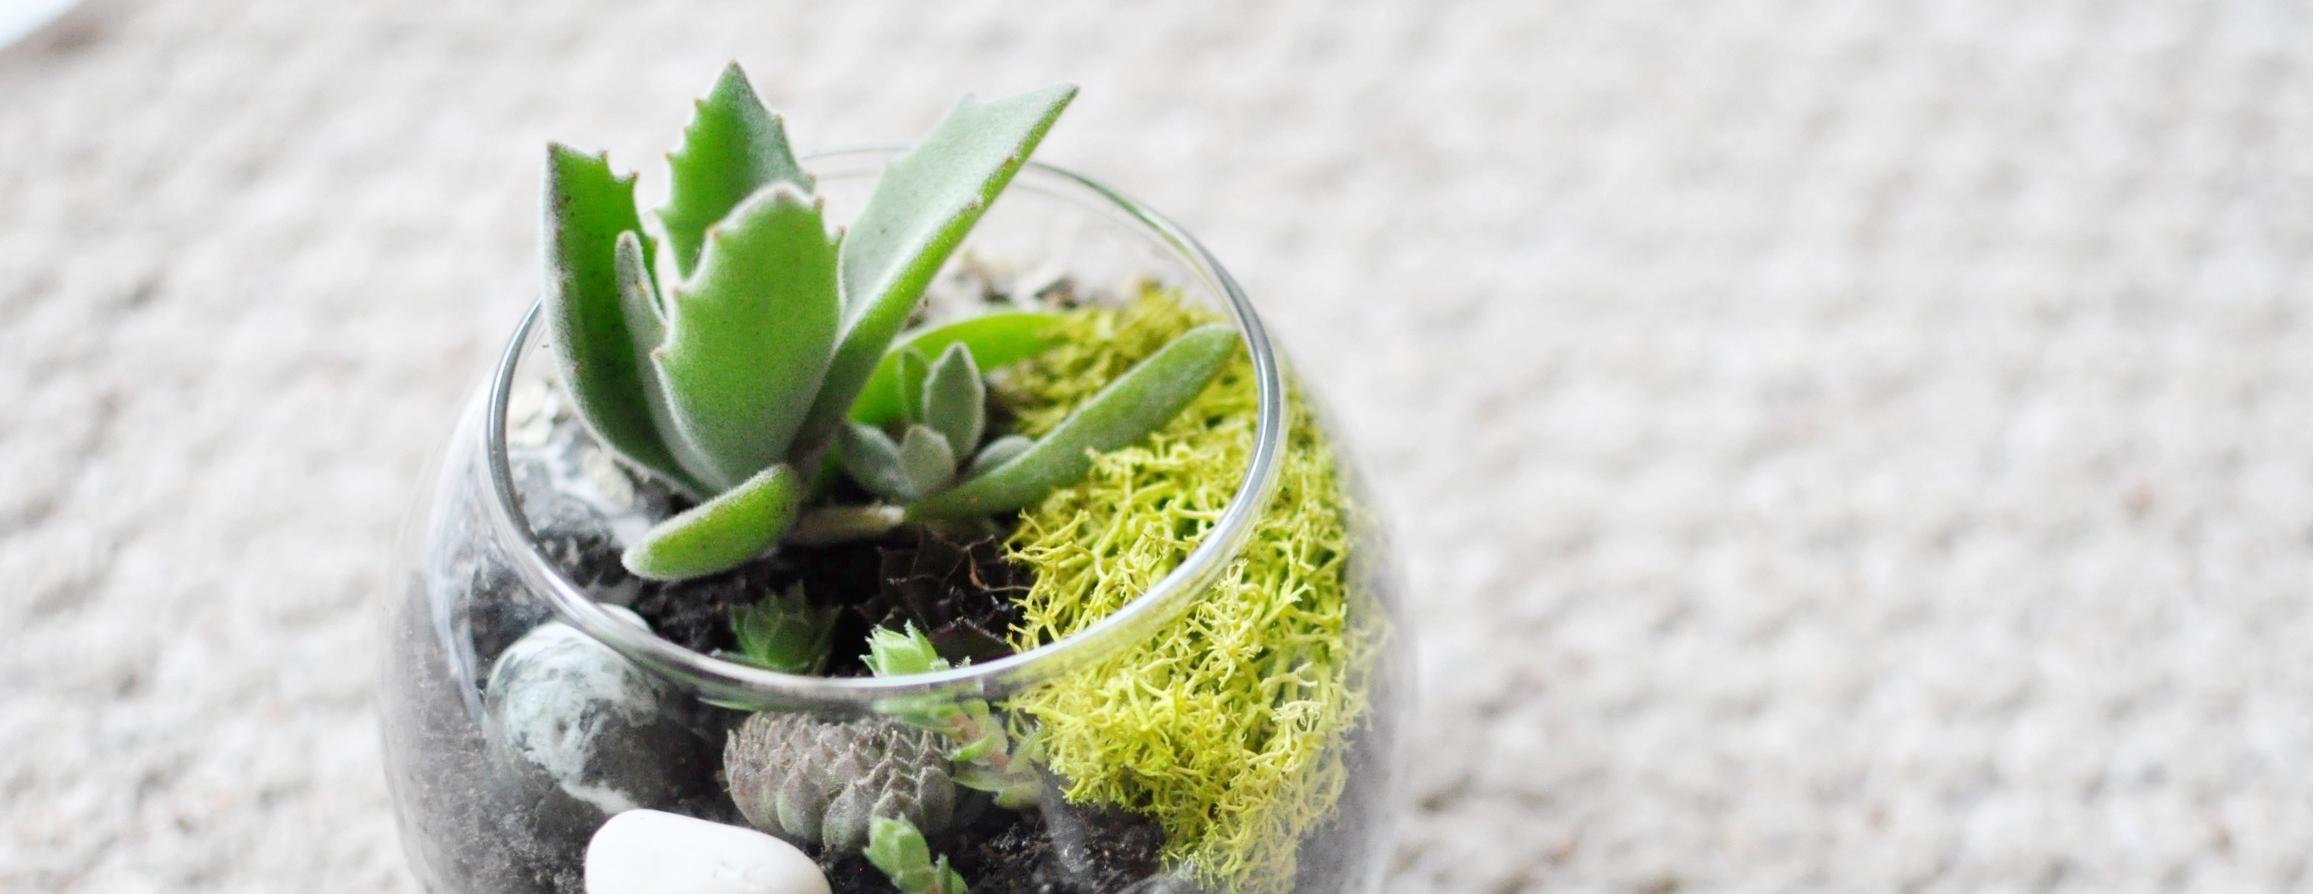 terrariums & other plants -